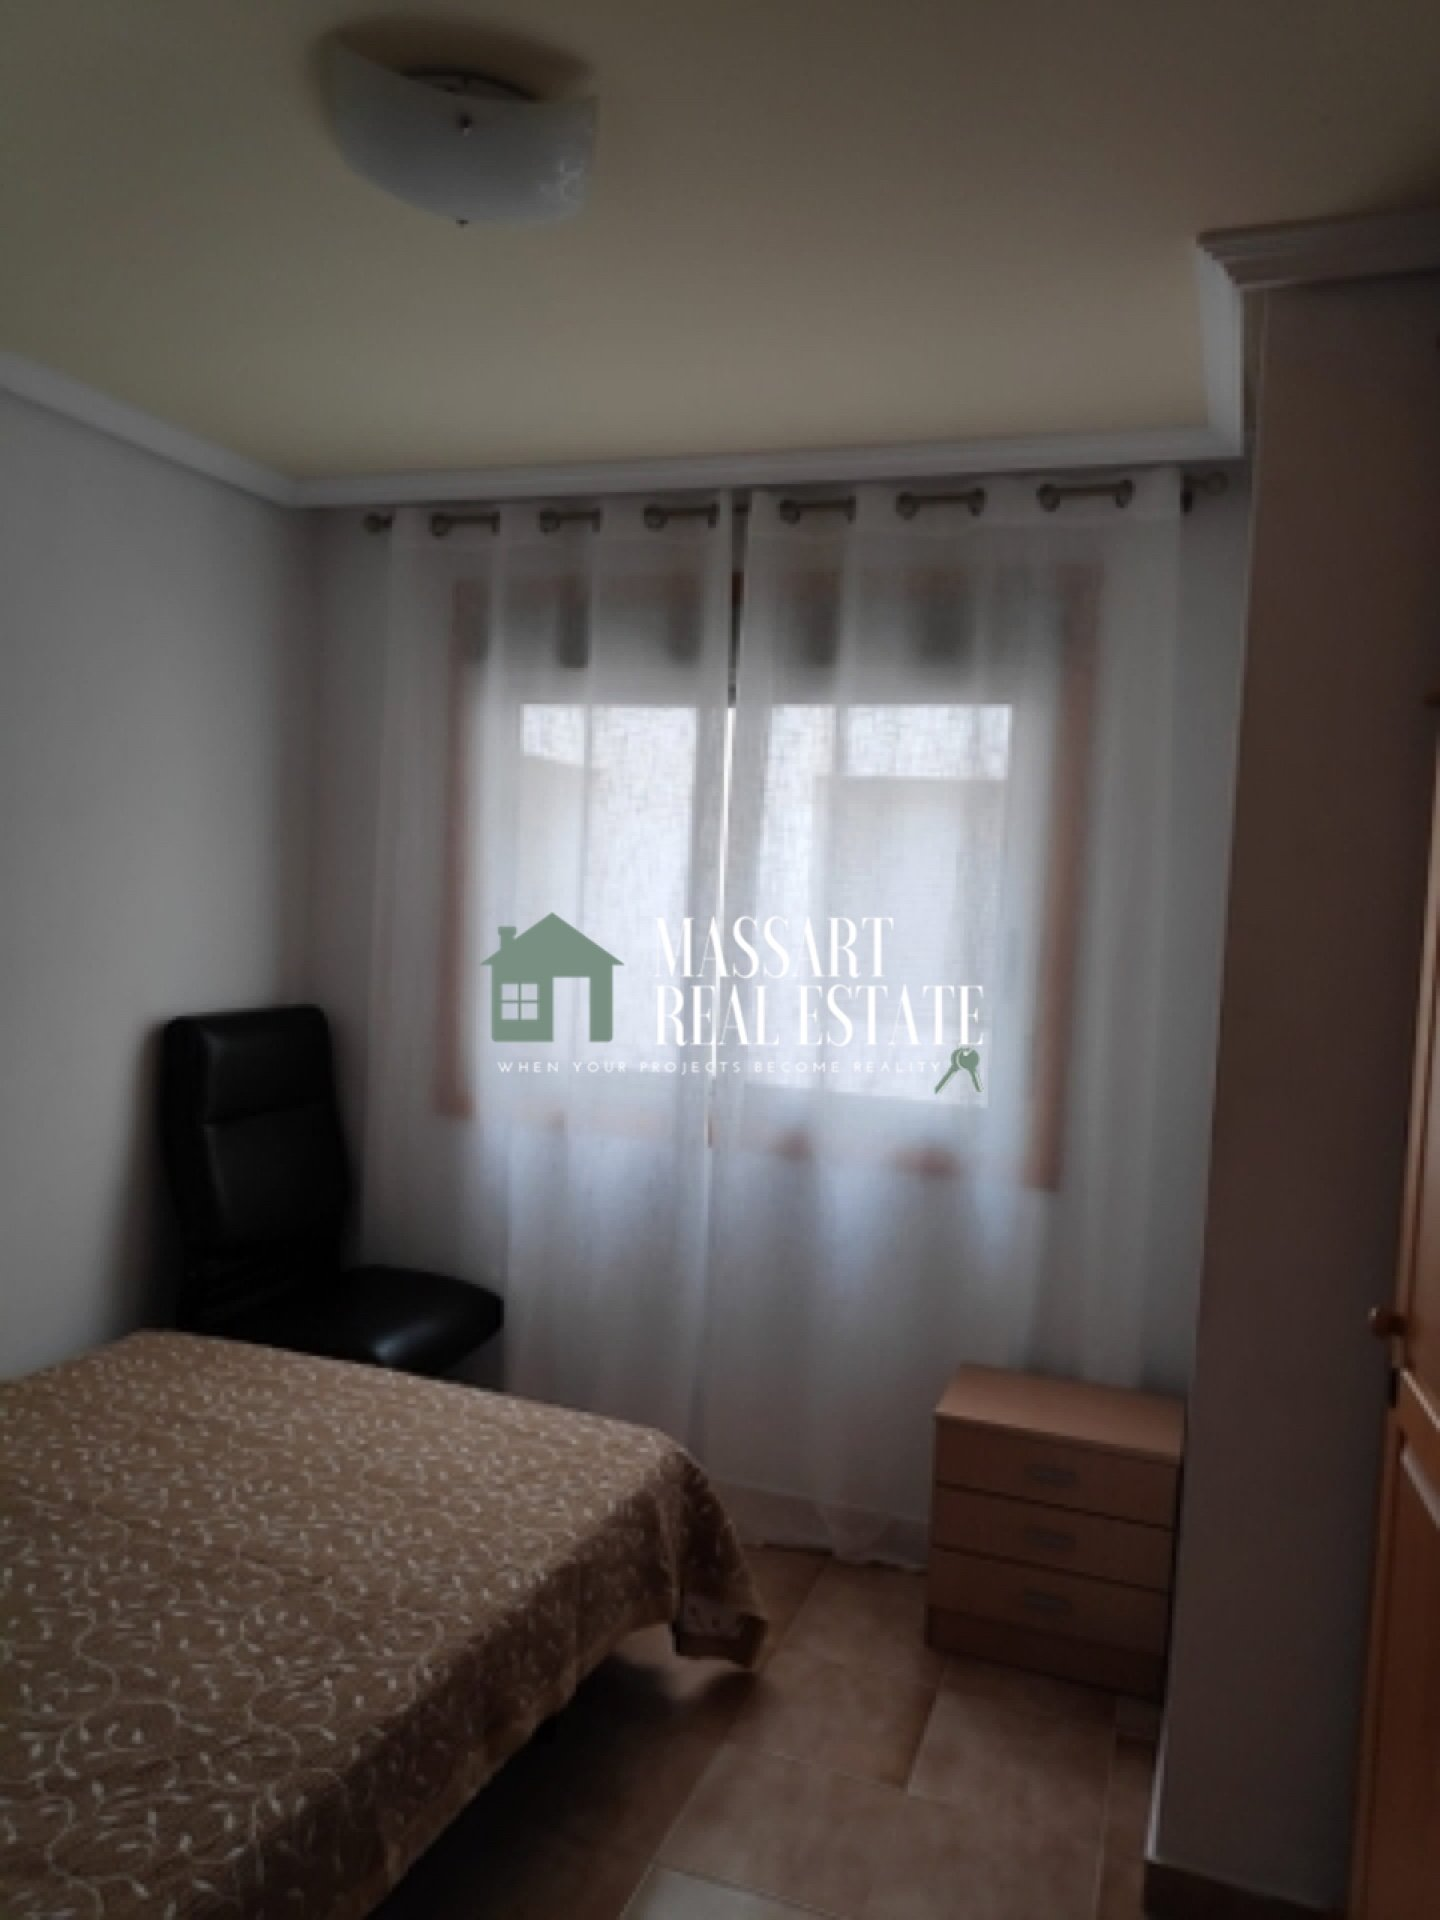 Affittasi in zona centrale di San Isidro, ampio appartamento di 79 mq completamente ristrutturato e arredato.